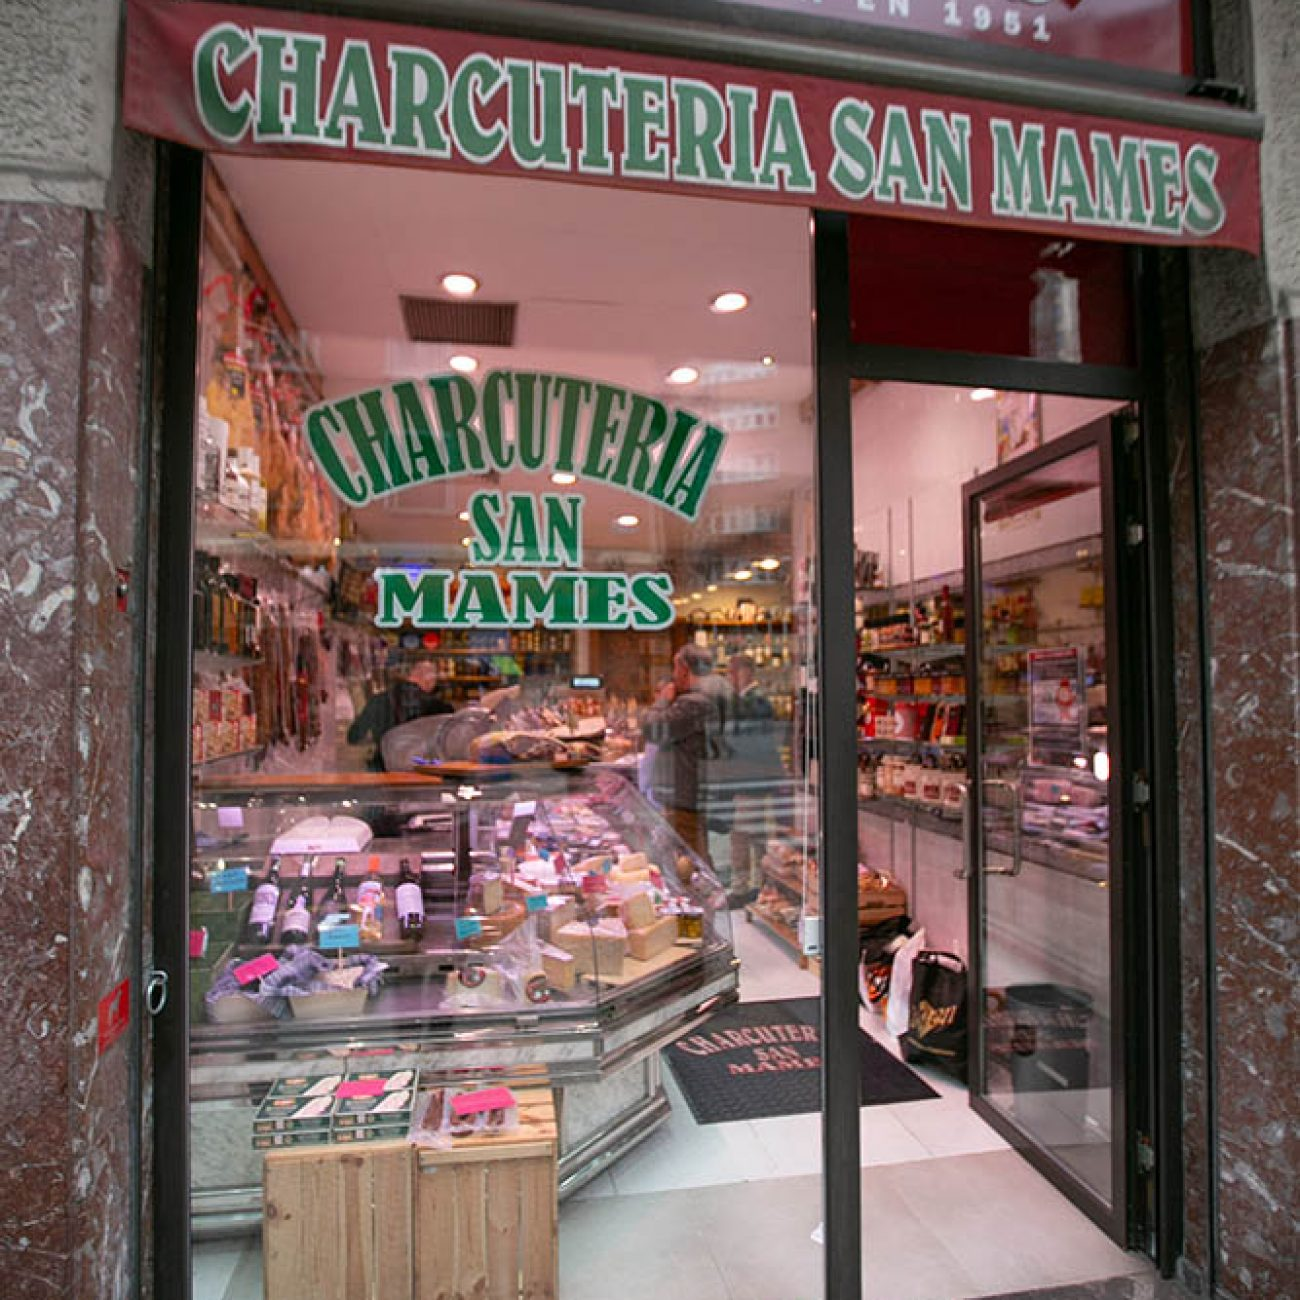 CHARCUTERIA SAN MAMES